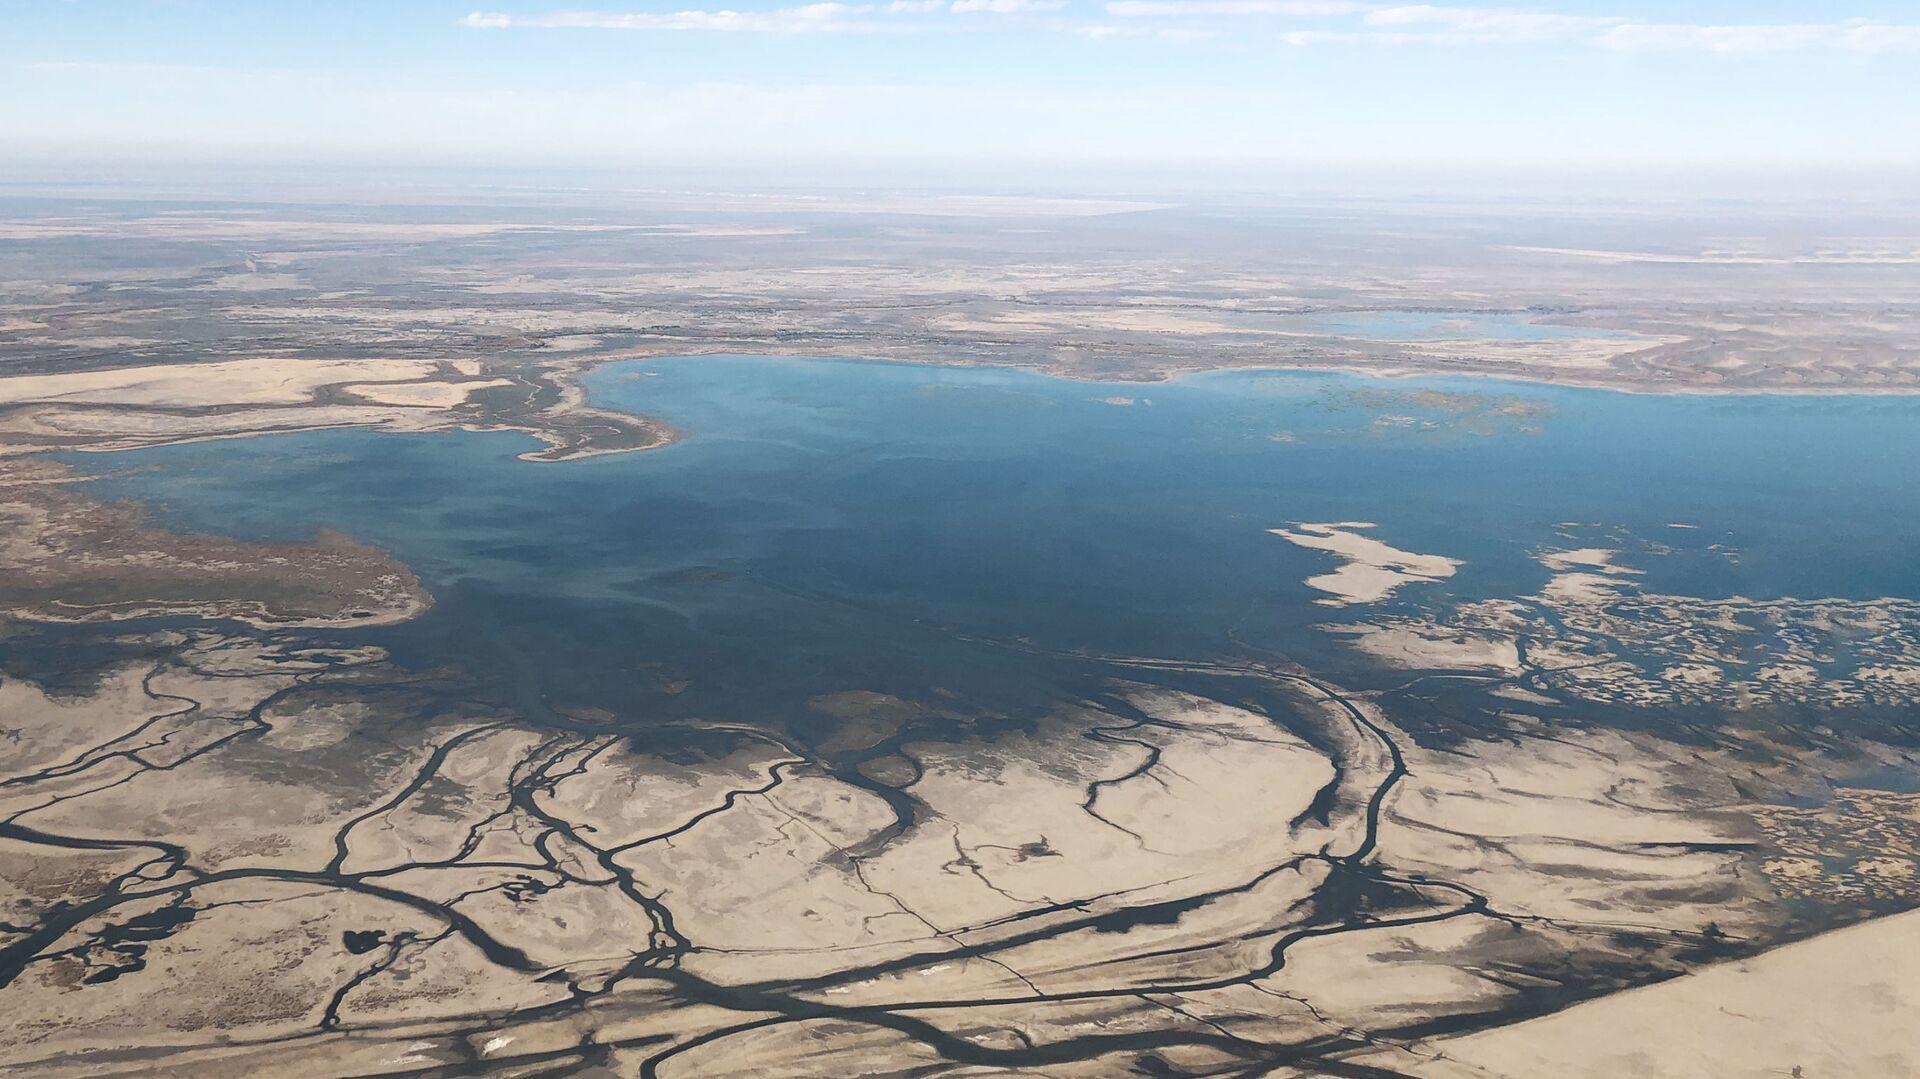 Вид на Аральское море с высоты - Sputnik Узбекистан, 1920, 28.07.2021